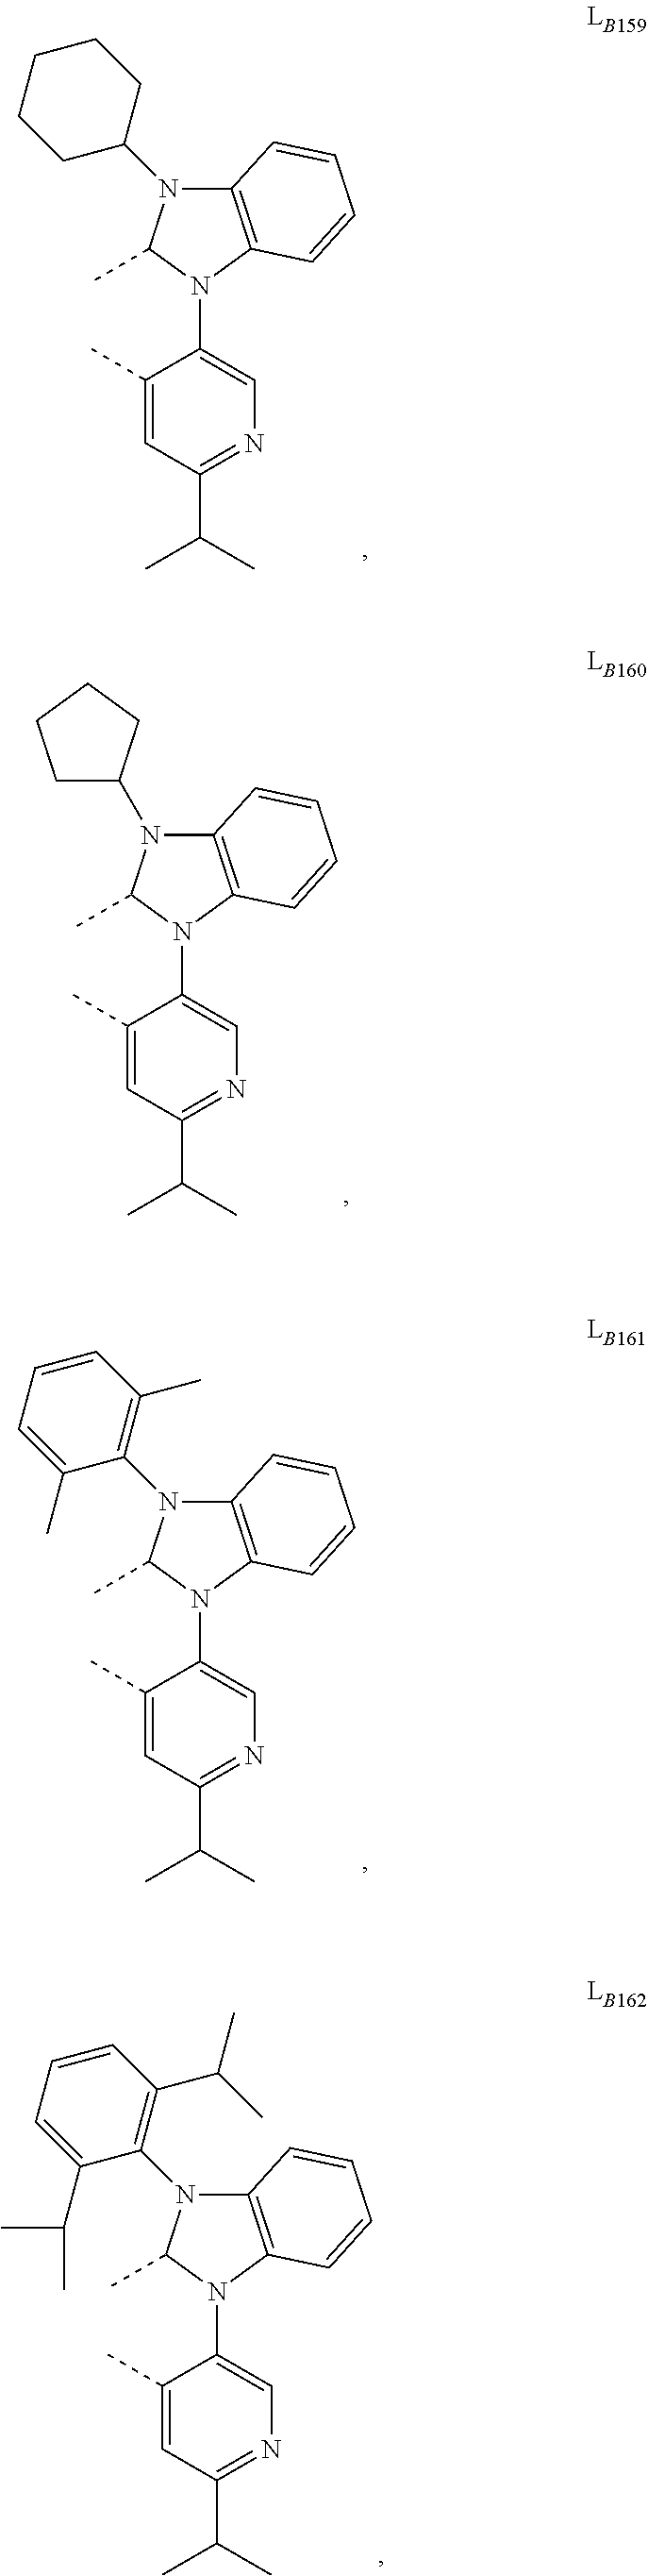 Figure US09905785-20180227-C00593